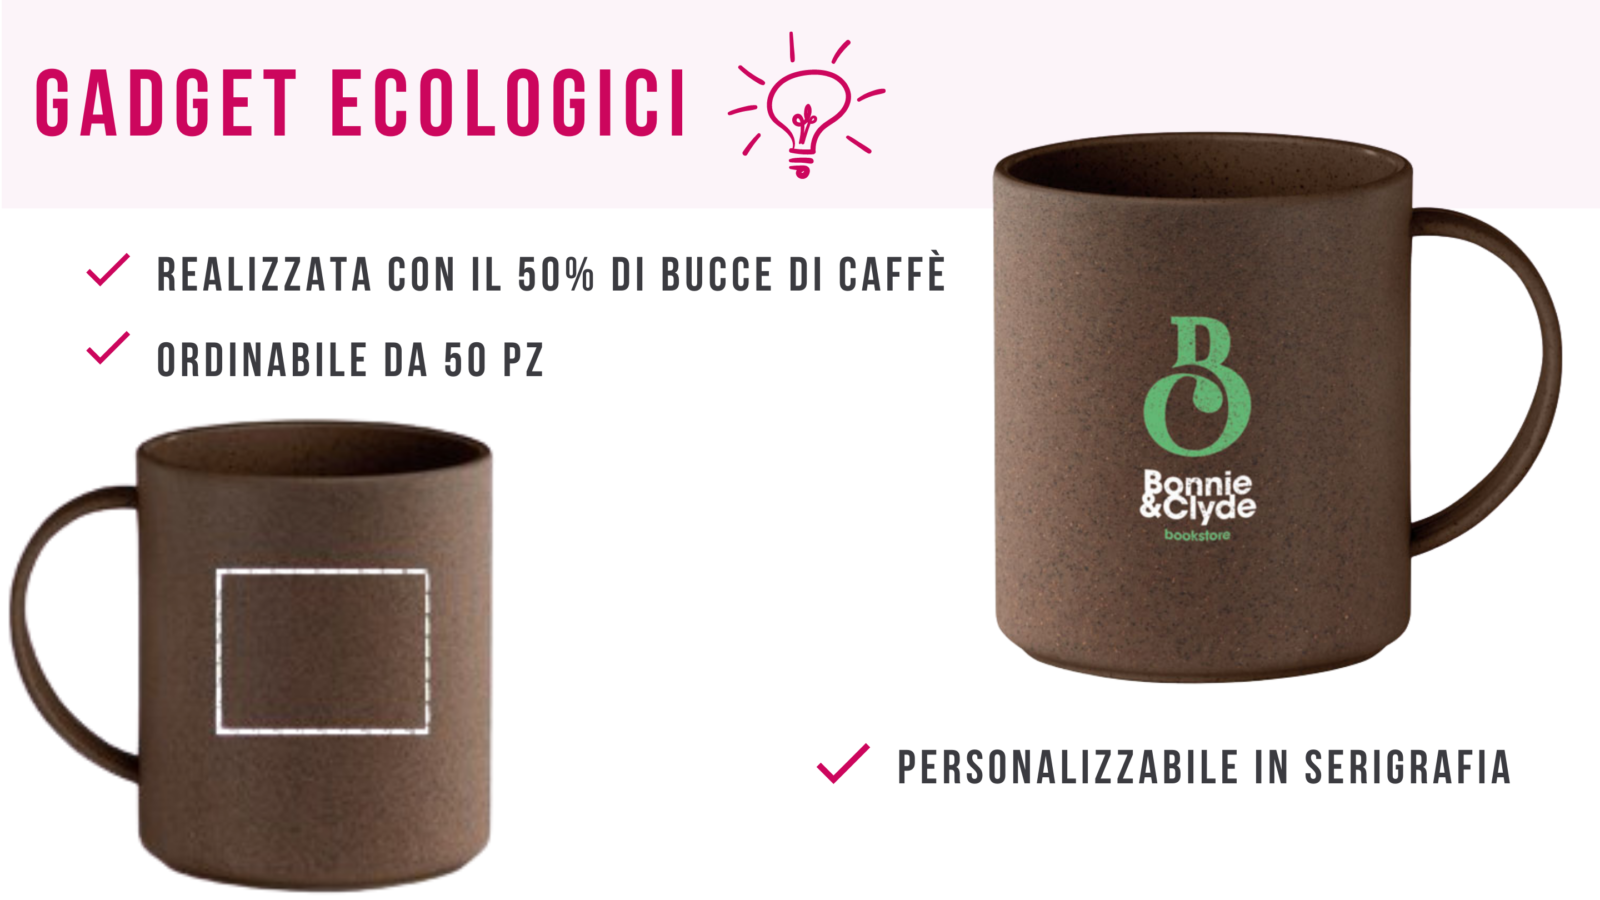 Gadget eco friendly_ mug da biccie di caffè personalizzabile